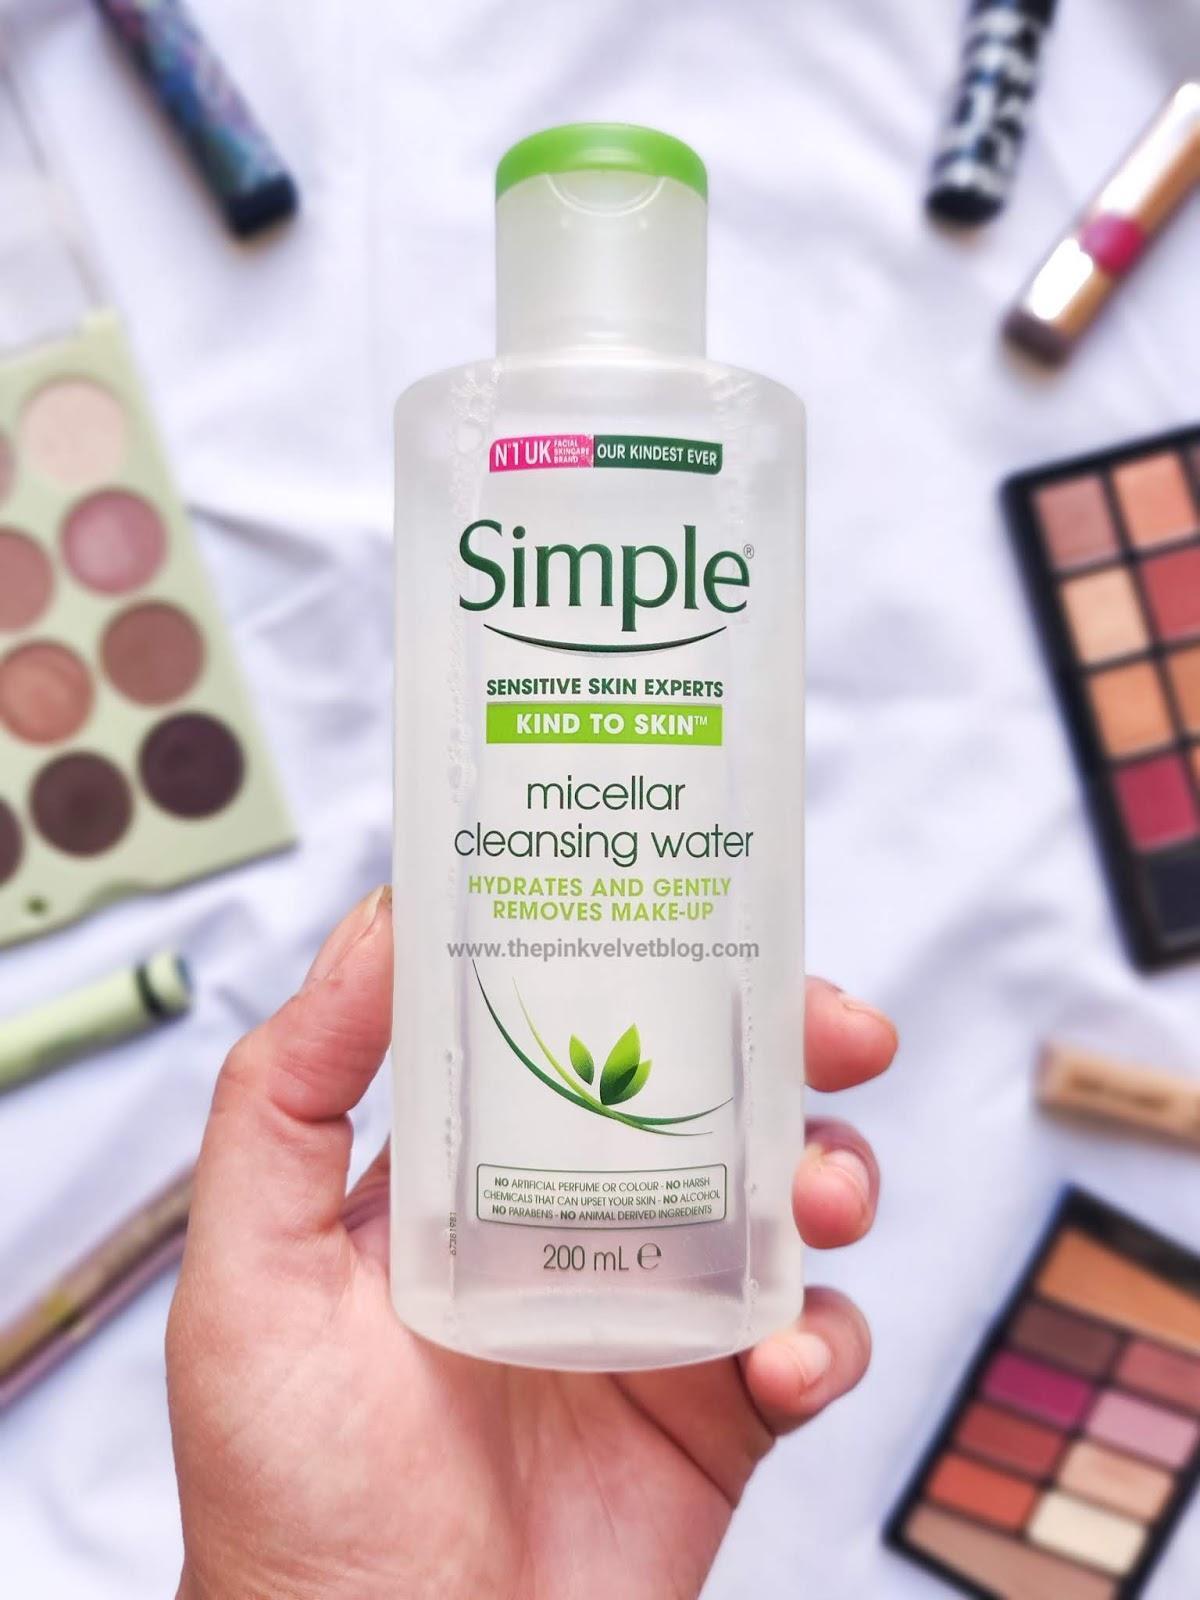 Simple Skincare Micellar Water - Review | Sensitive Skin Experts